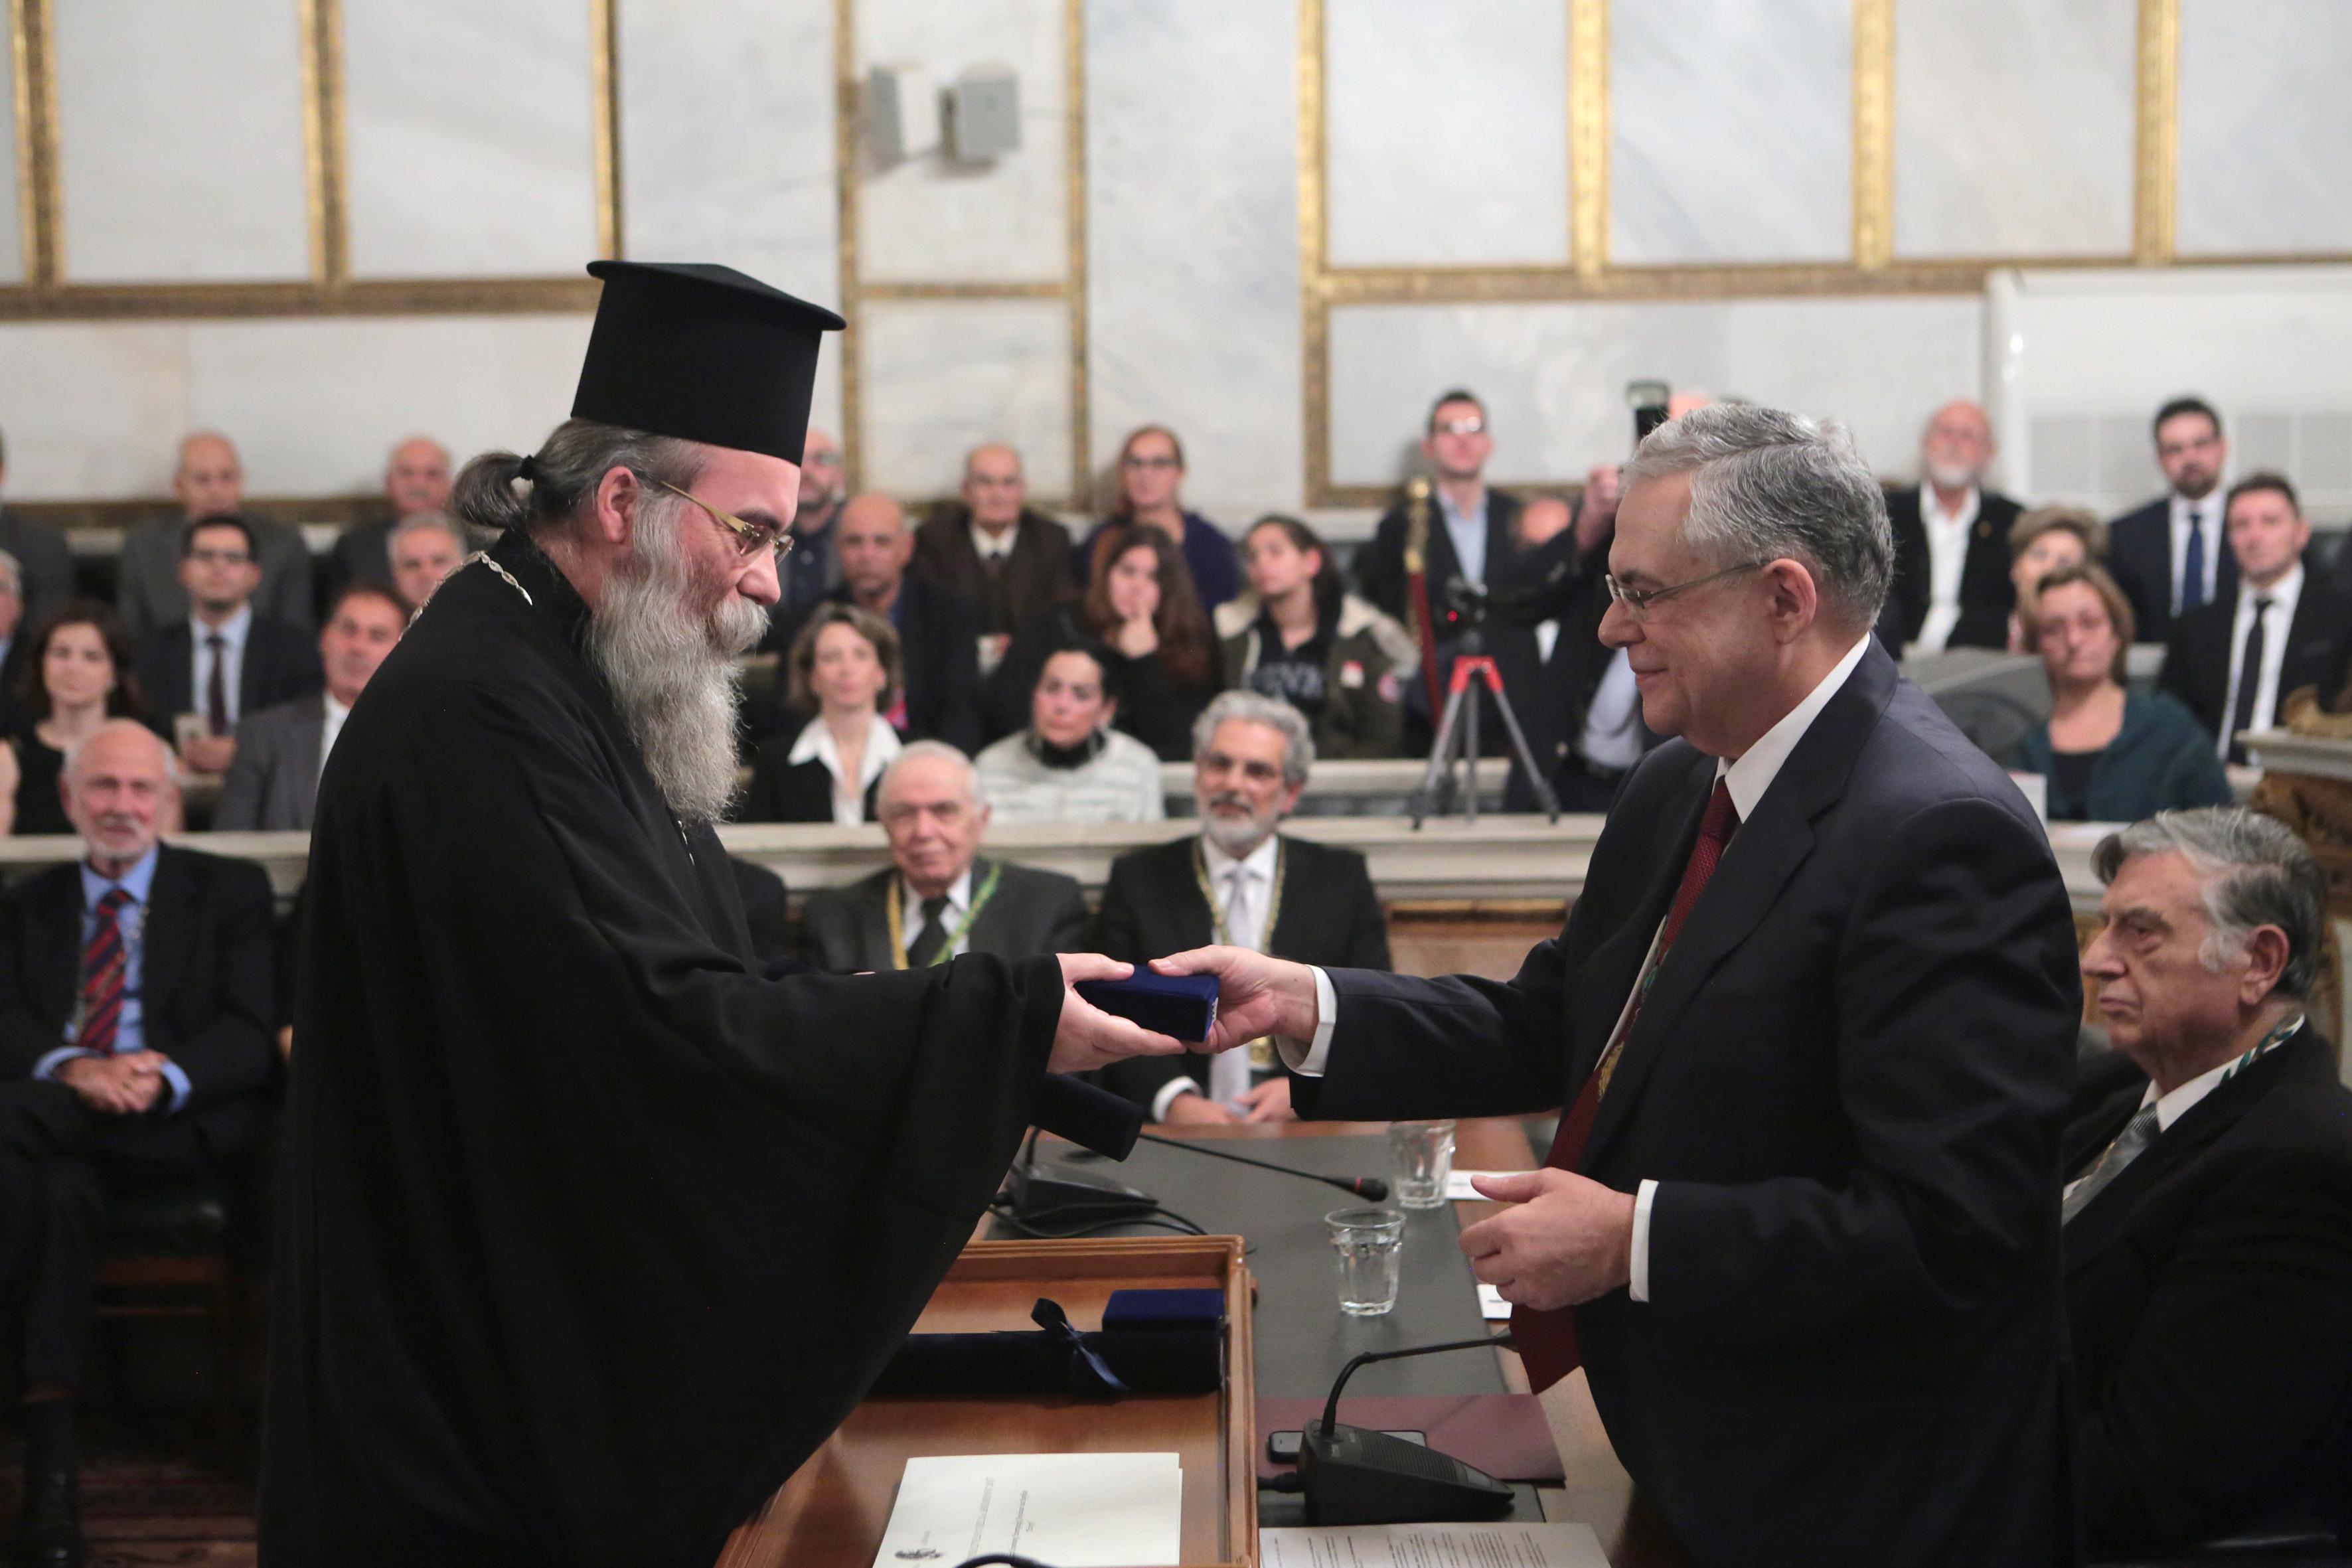 Η Ακαδημία Αθηνών βράβευσε την Ακαδημία Κρήτης